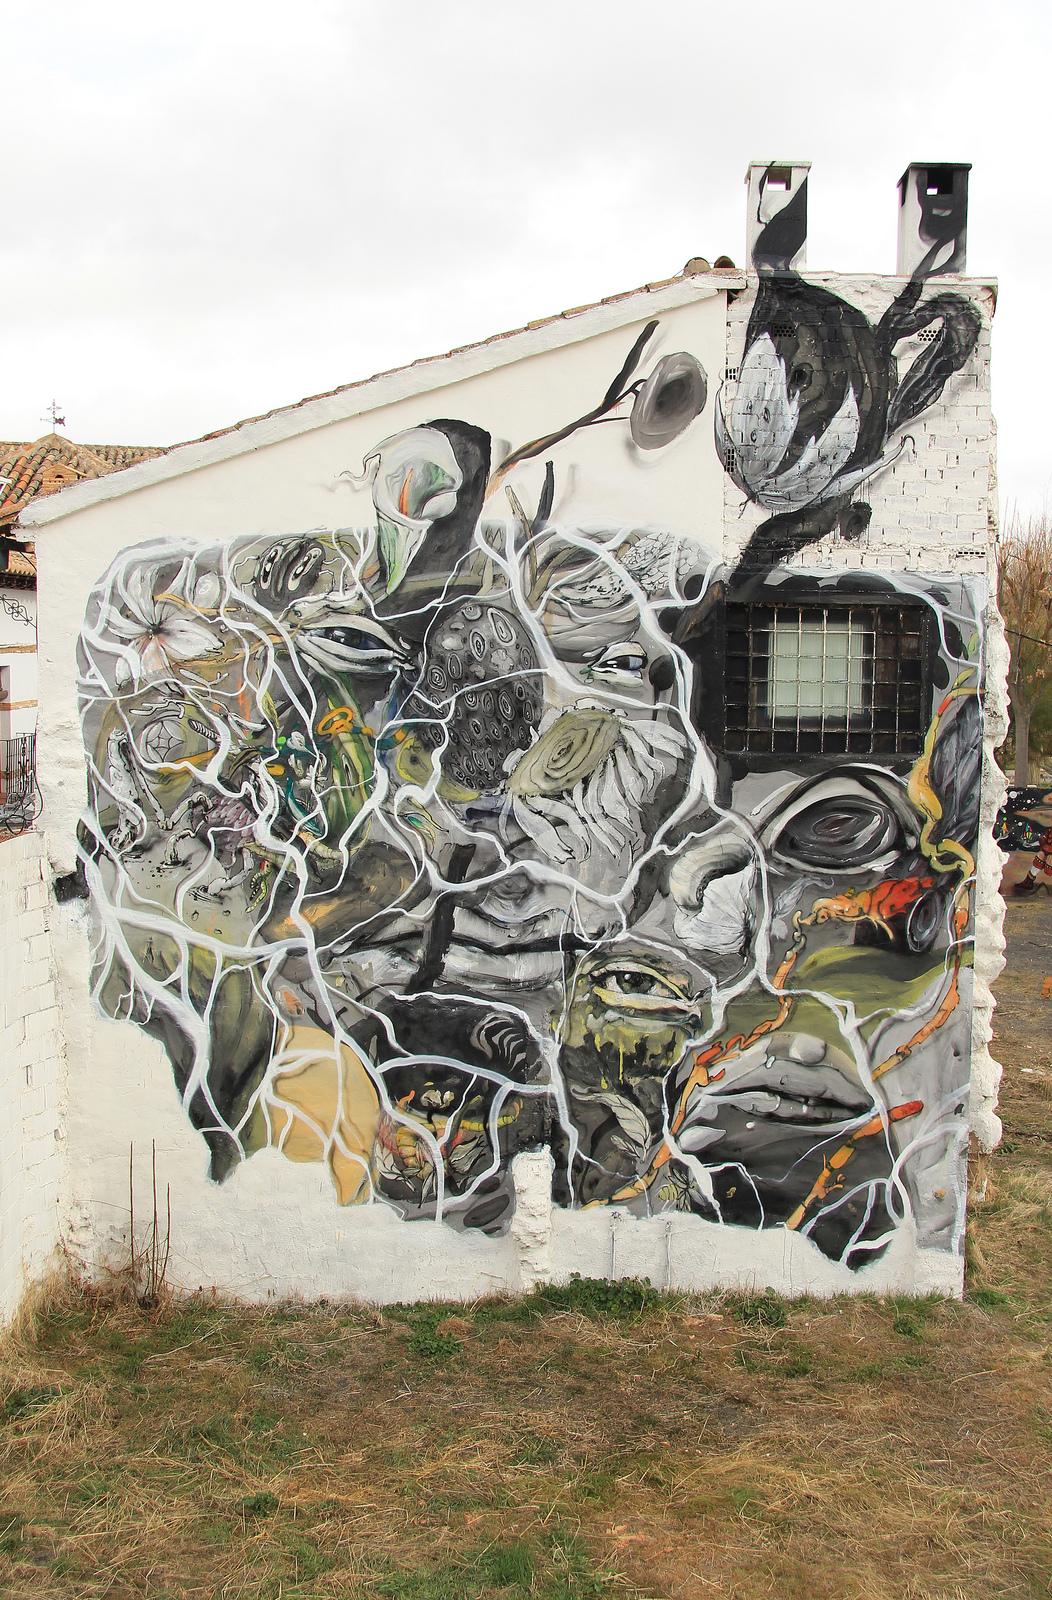 laguna-y-no-vuelvas-new-mural-in-almagro-02